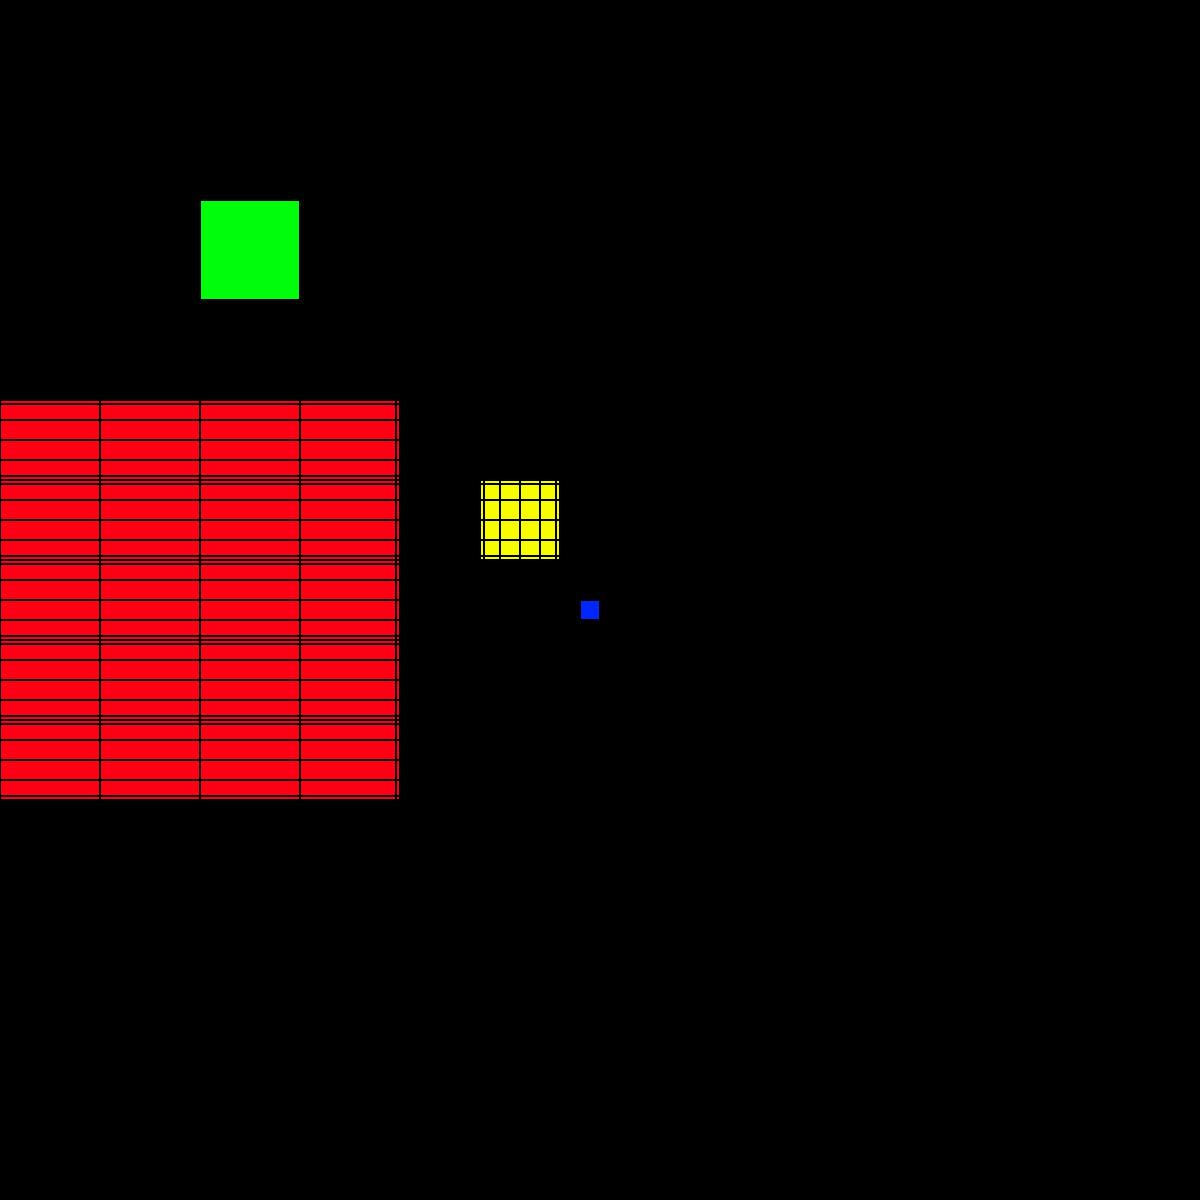 Haemocytometer Grid Png image #43573